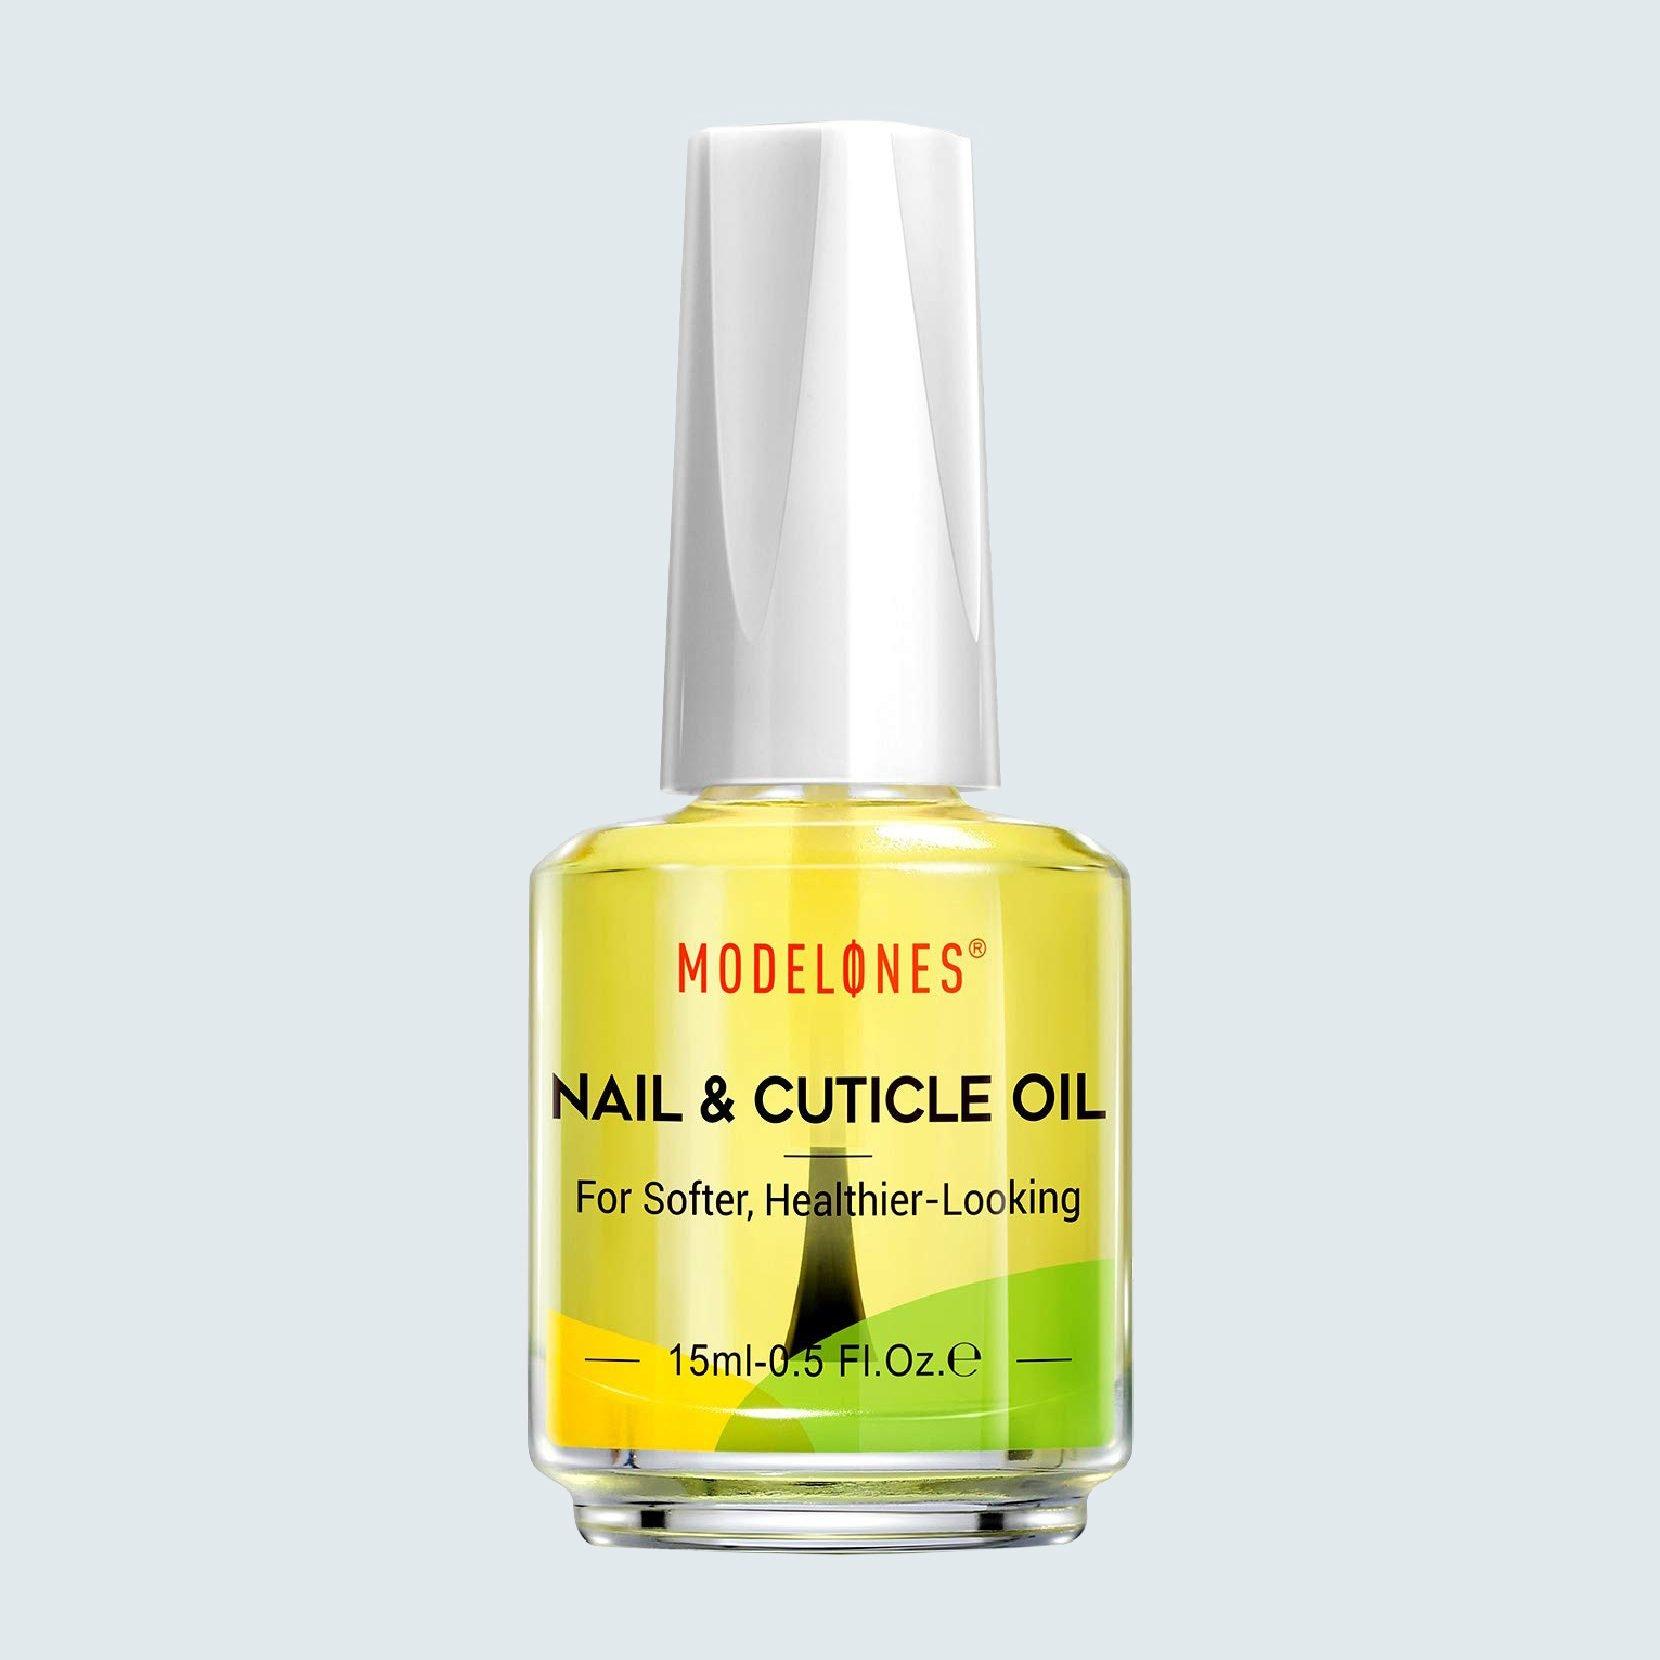 Modelones Nail & Cuticle Oil